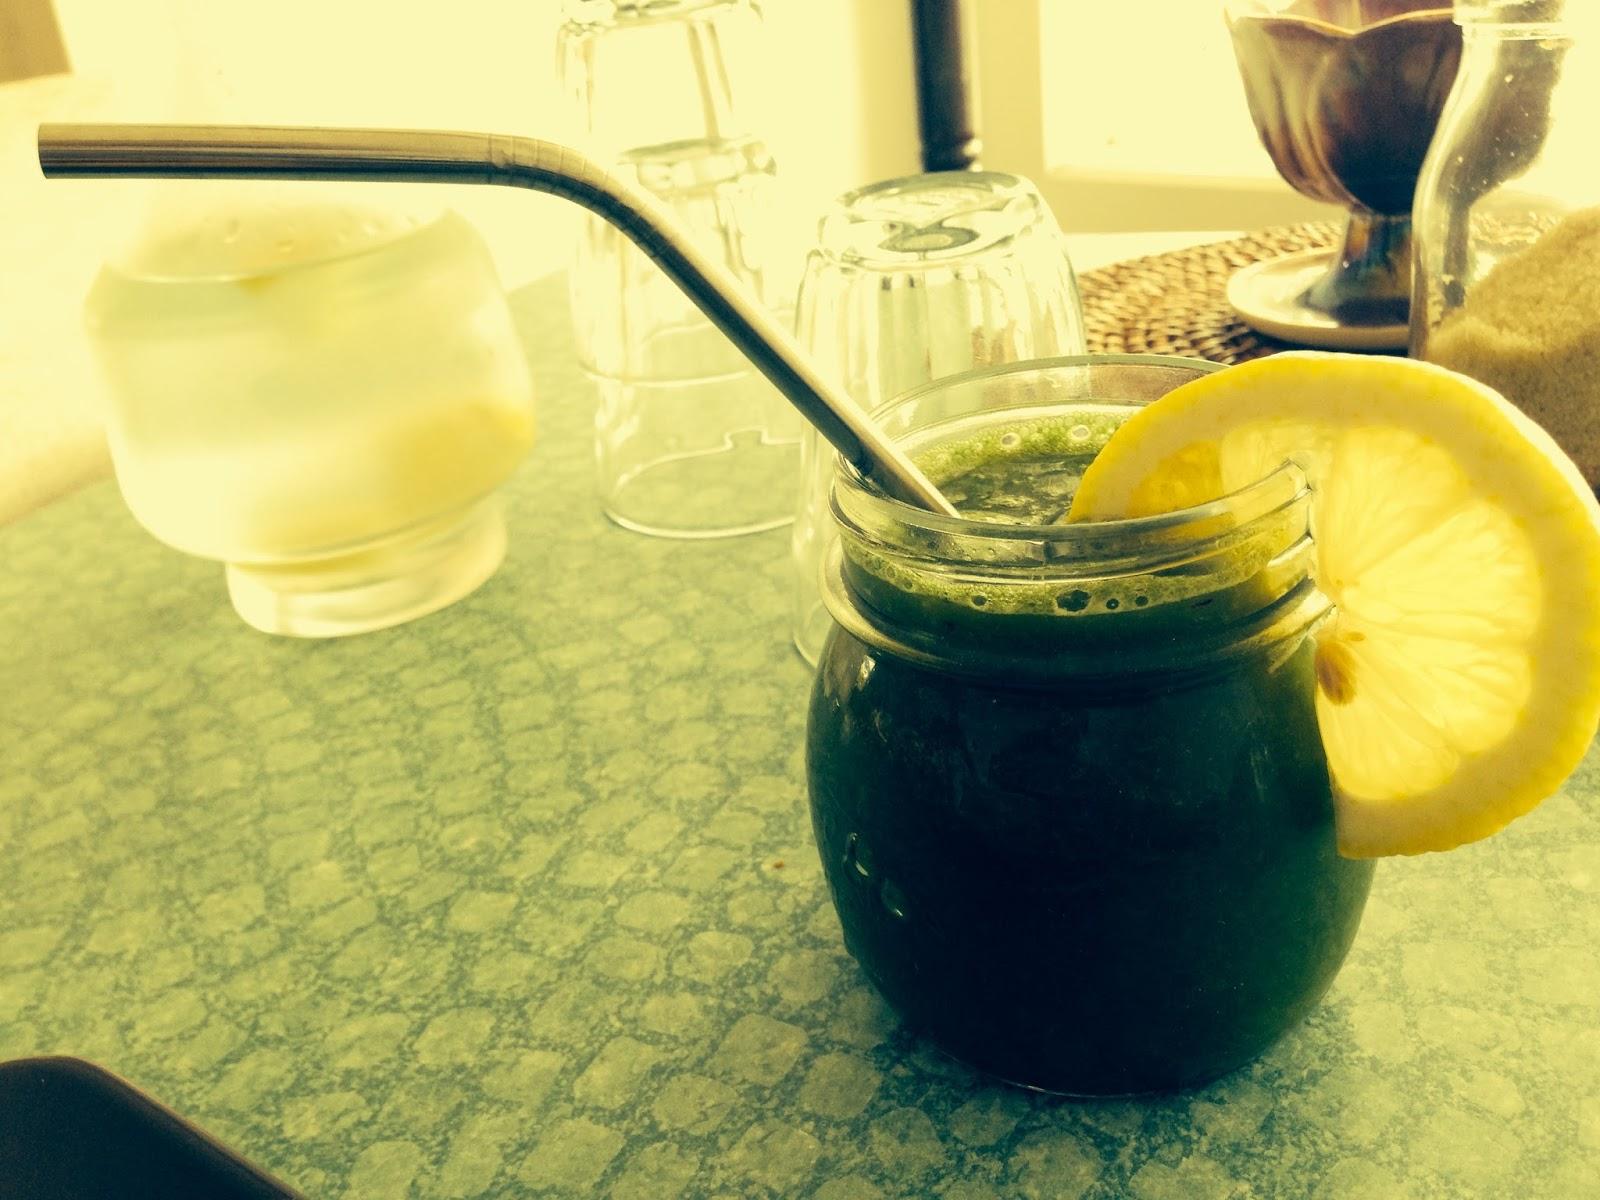 Juice at Nettle Raw Cafe, West Croydon